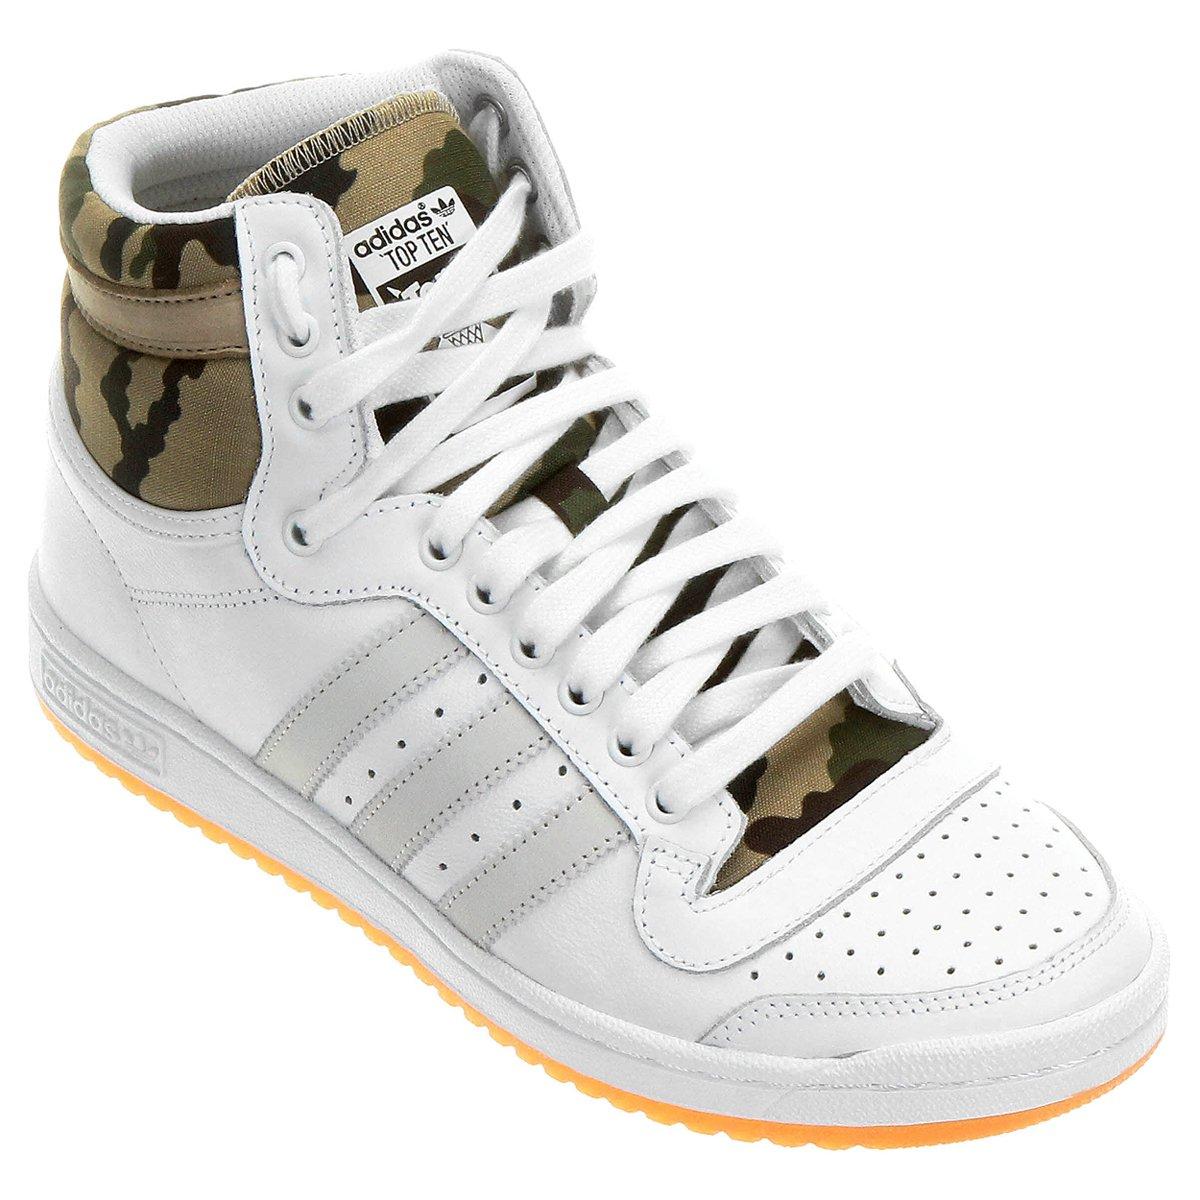 88c10ed41a9 Tênis Adidas Topten Camo - Compre Agora